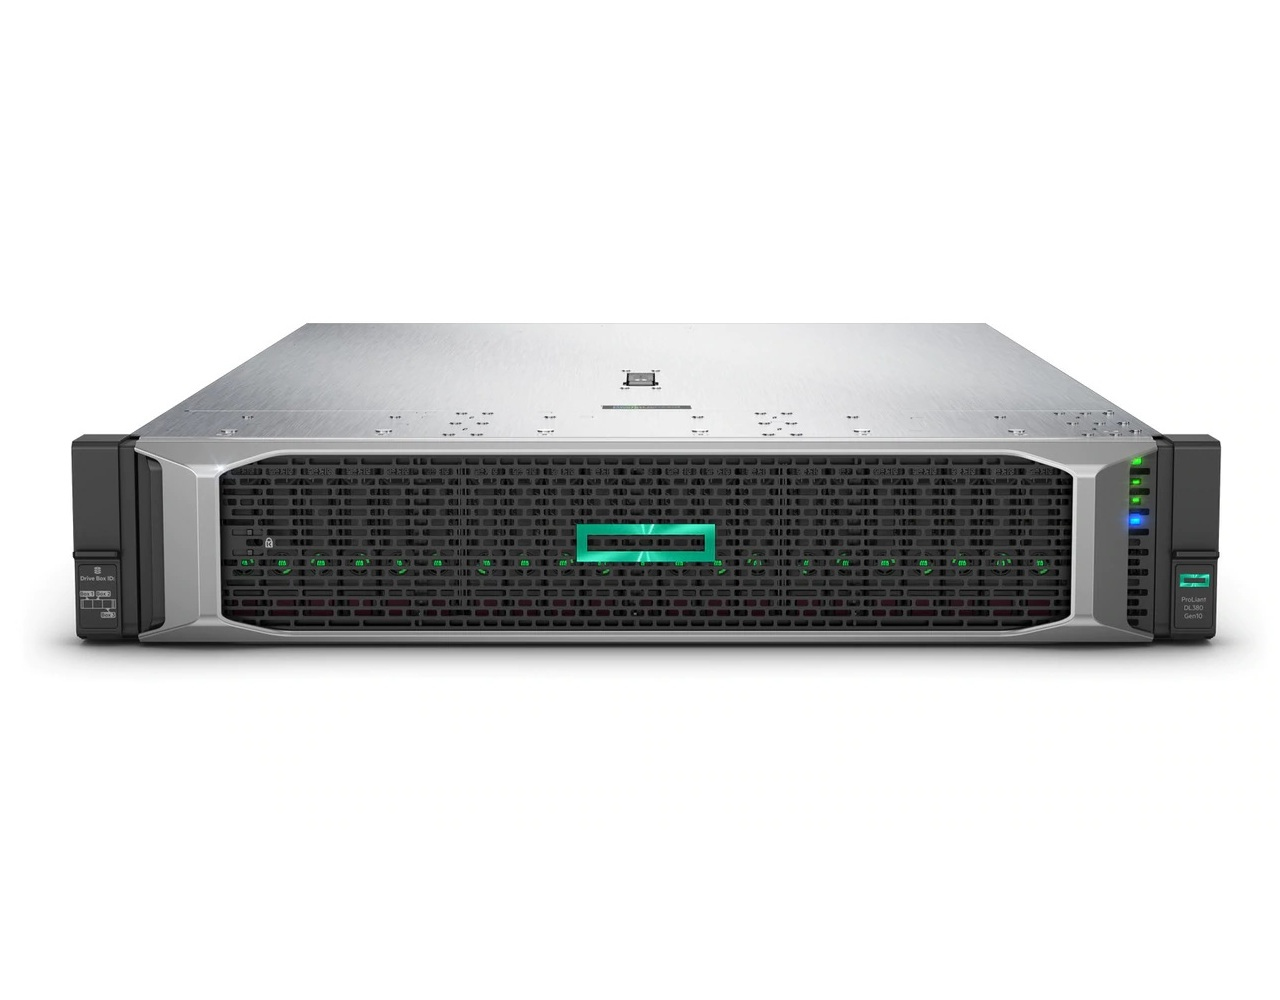 HP Enterprise ProLiant DL380 Gen10 4208 24SFF PERF WW - 2,1 GHz - 4208 - 32 GB - DDR4-SDRAM - 800 W - Rack (2U)